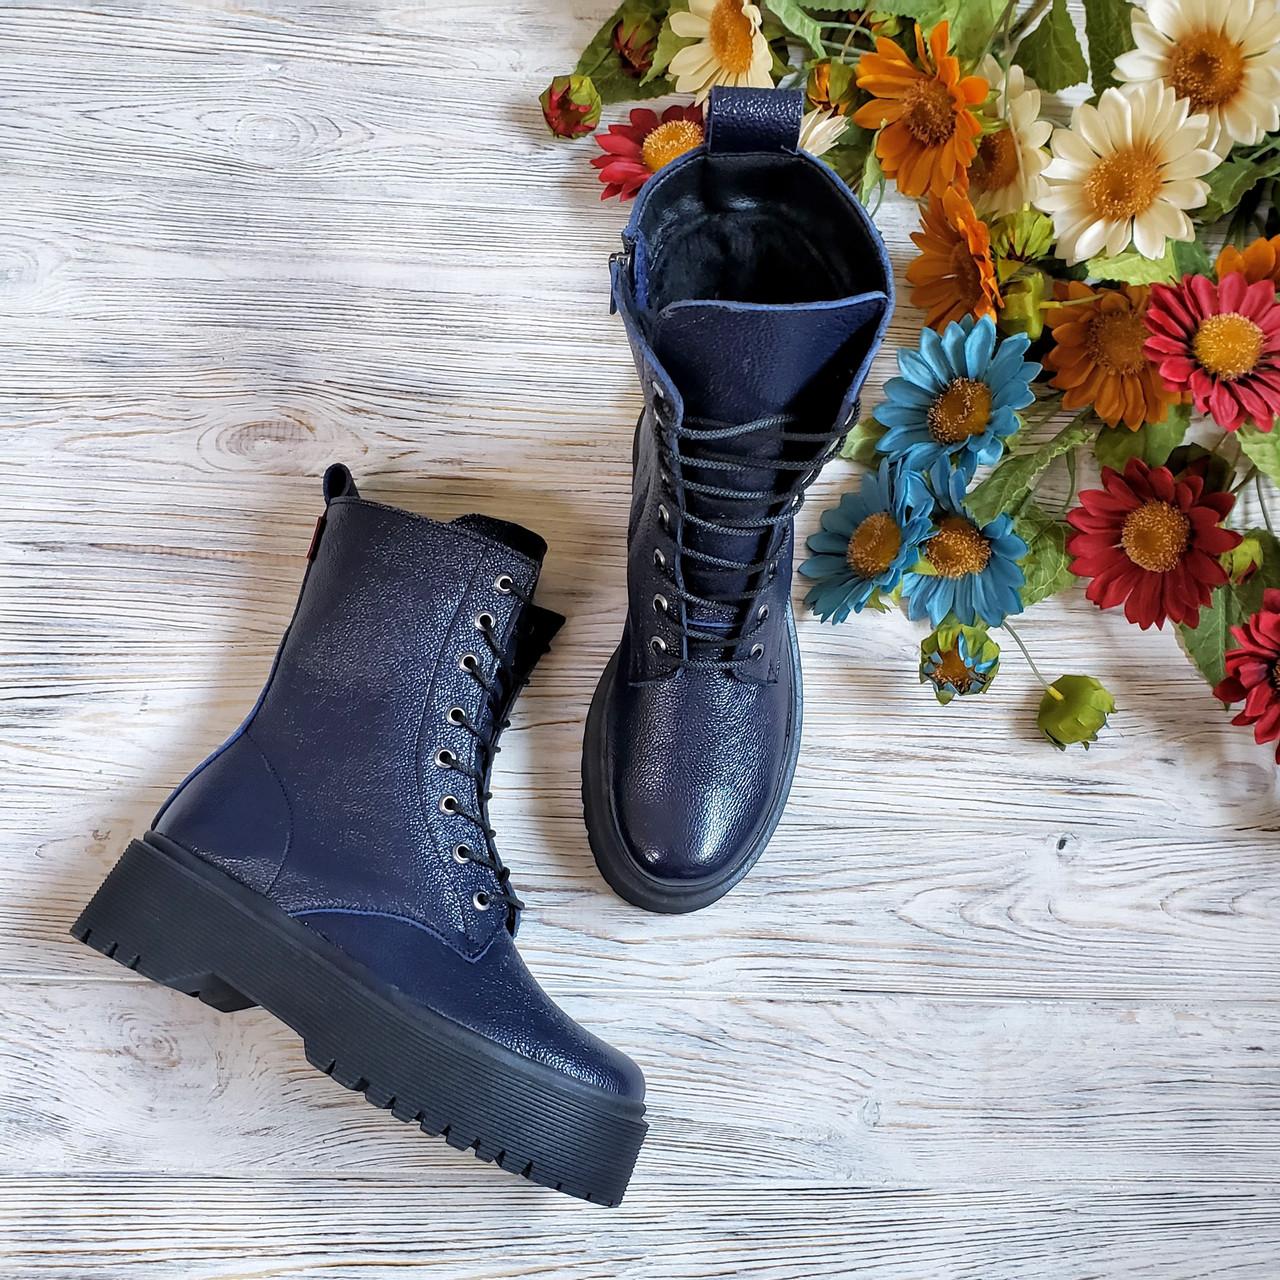 Женские зимние высокие кожаные ботинки на шнуровке WooDstock (синий лак)